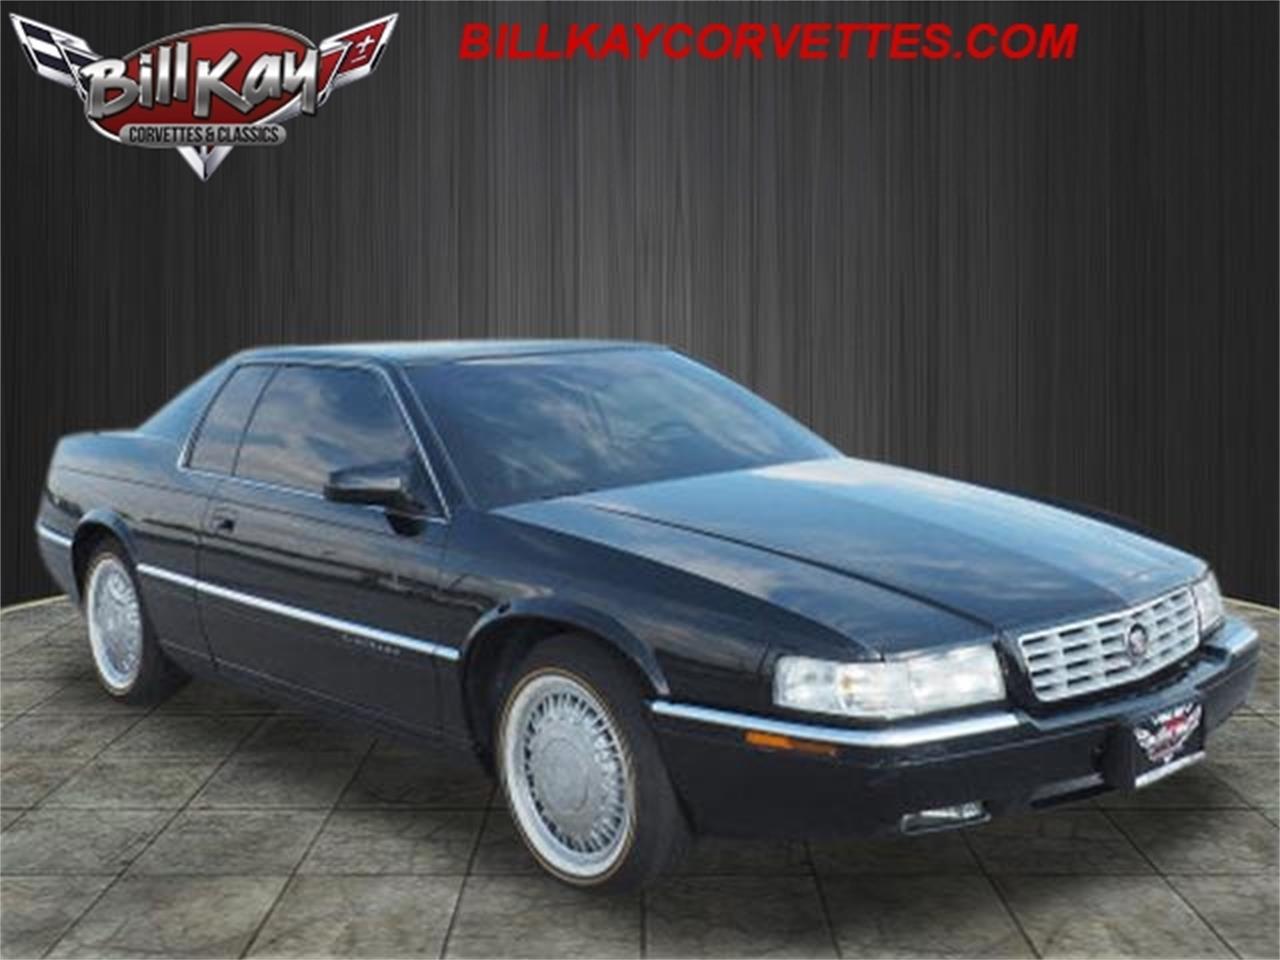 1997 cadillac eldorado for sale classiccars com cc 1150454 1997 cadillac eldorado for sale